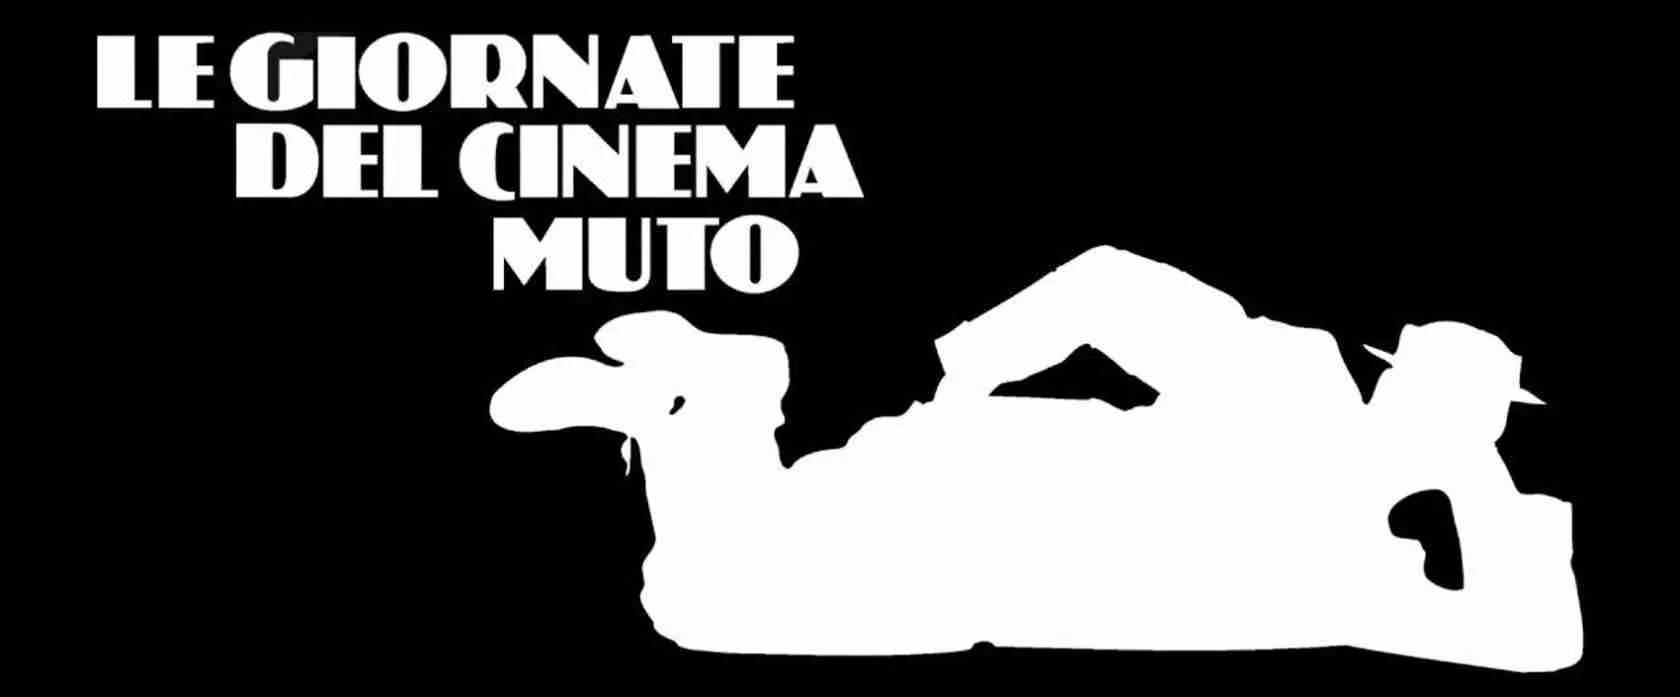 Le escort Pordenone amano Le giornate del cinema muto di Pordenone. Magica Escort